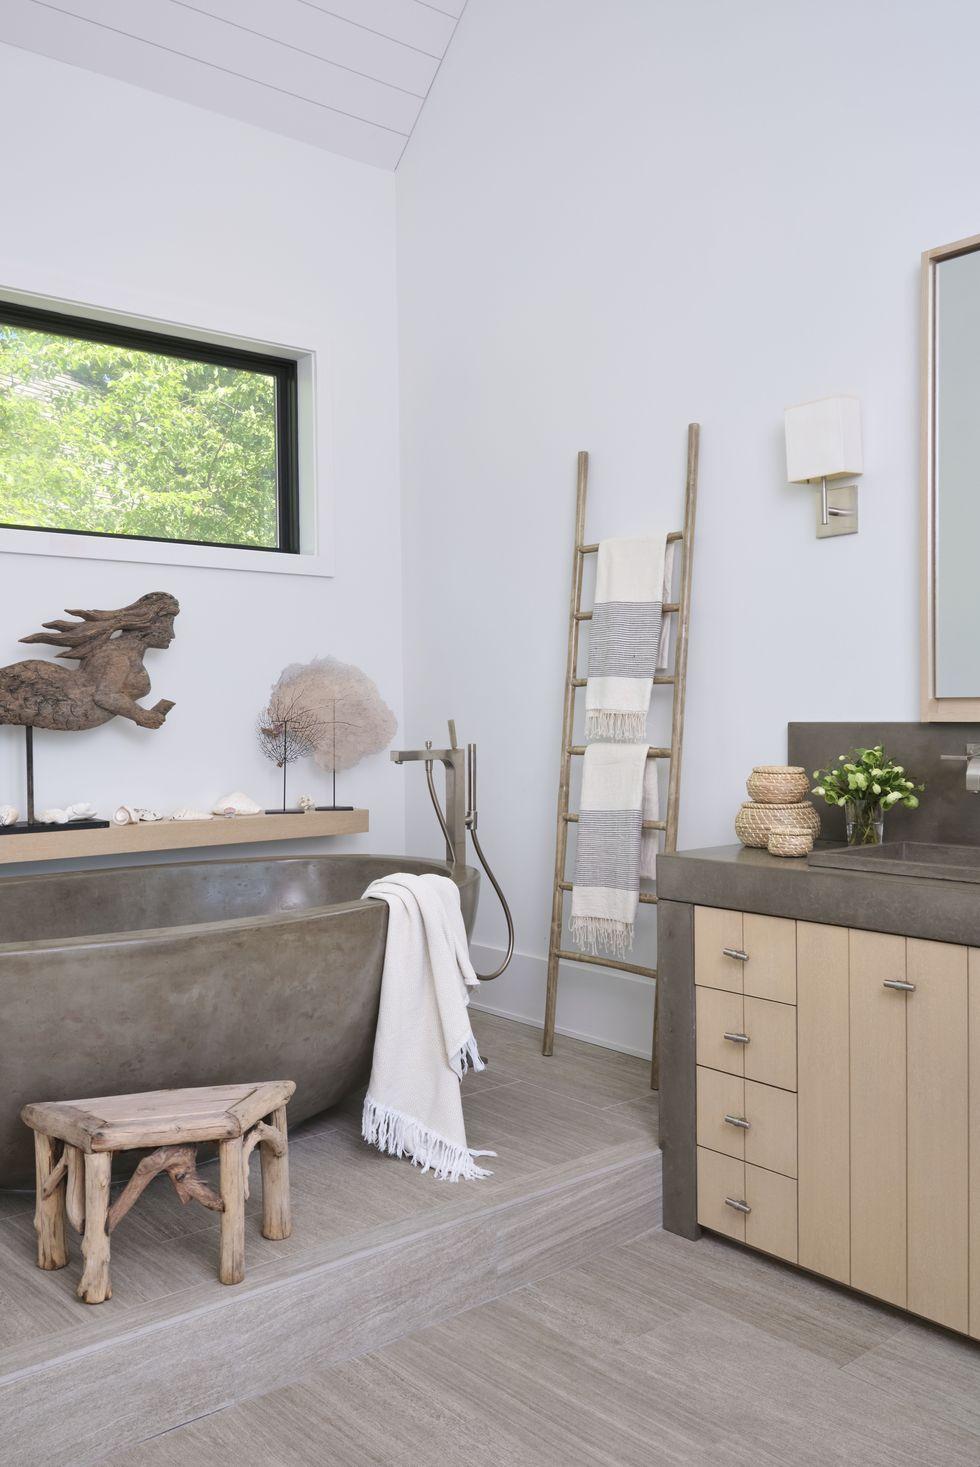 Những ý tưởng phòng tắm tuyệt vời khiến cho bạn không bao giờ muốn rời khỏi đây - Ảnh 20.